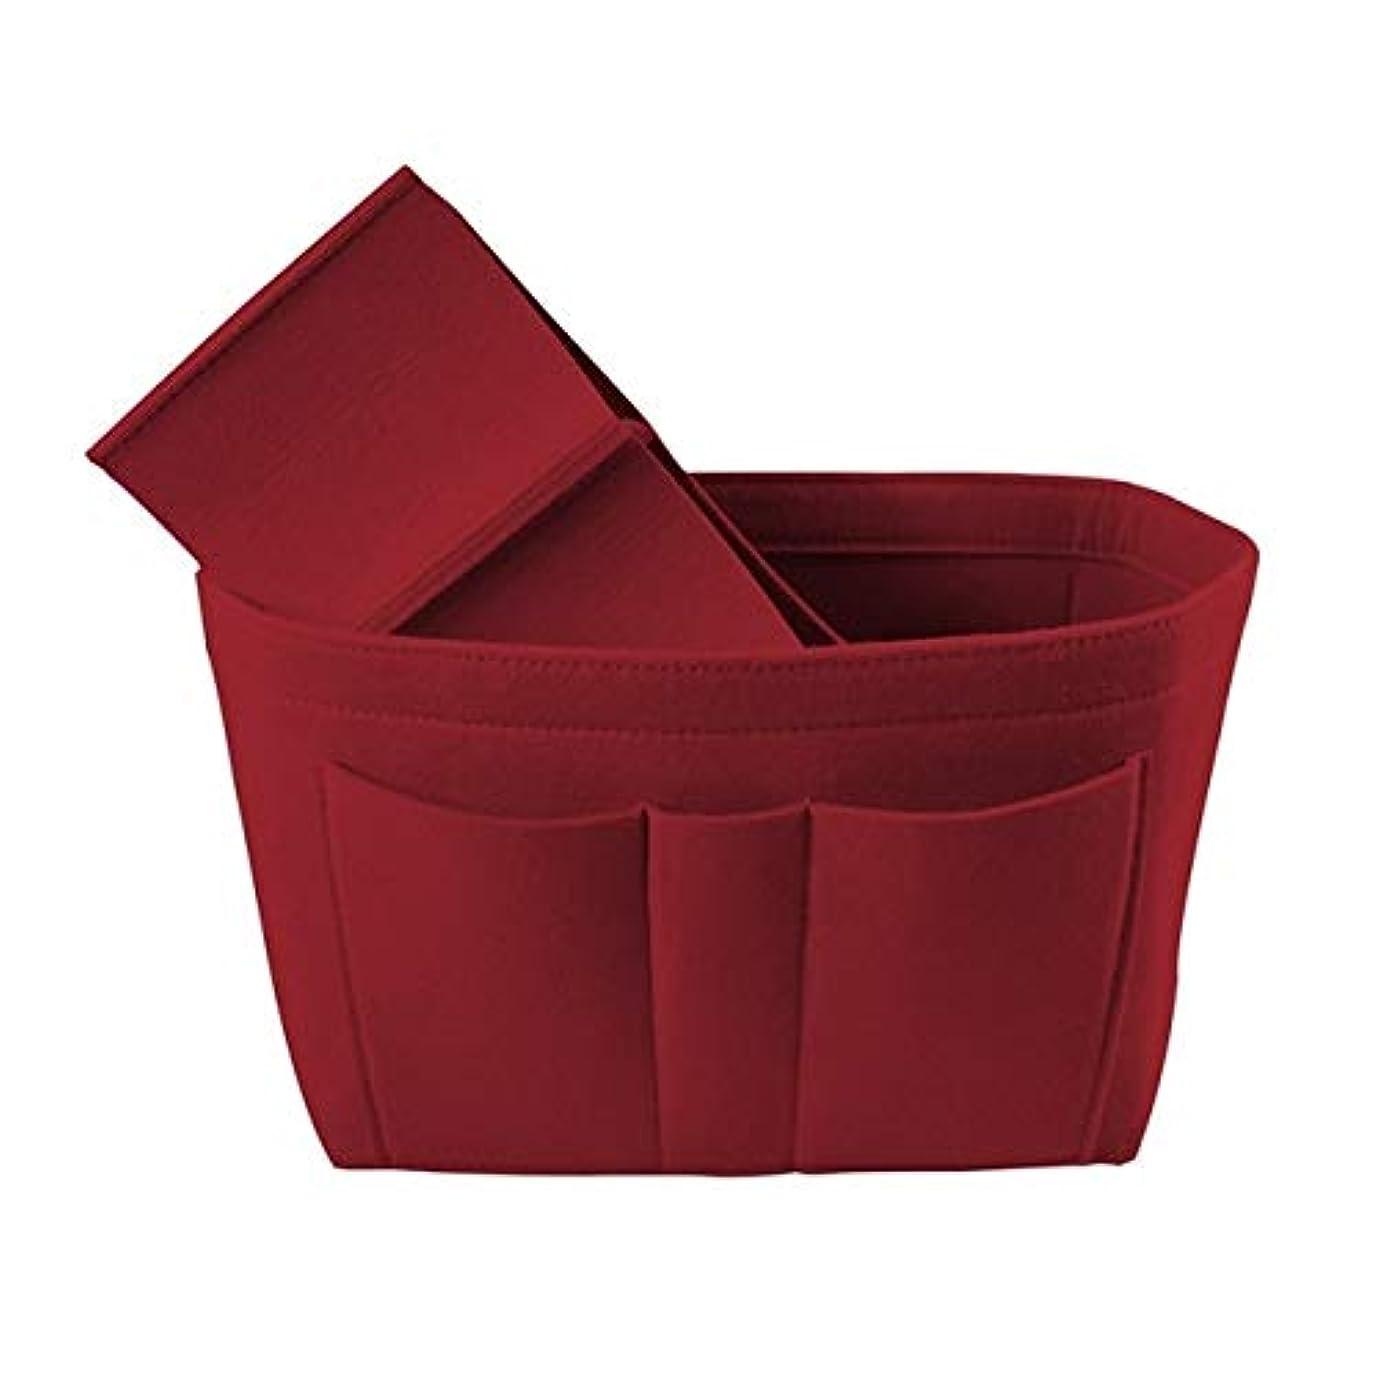 法律により用量火星MEI1JIA QUELLIAはフェルトパッケージクリエイティブ化粧品収納袋に袋をフェルト多機能デブリ仕上げバスケット(レッド) (色 : Red)